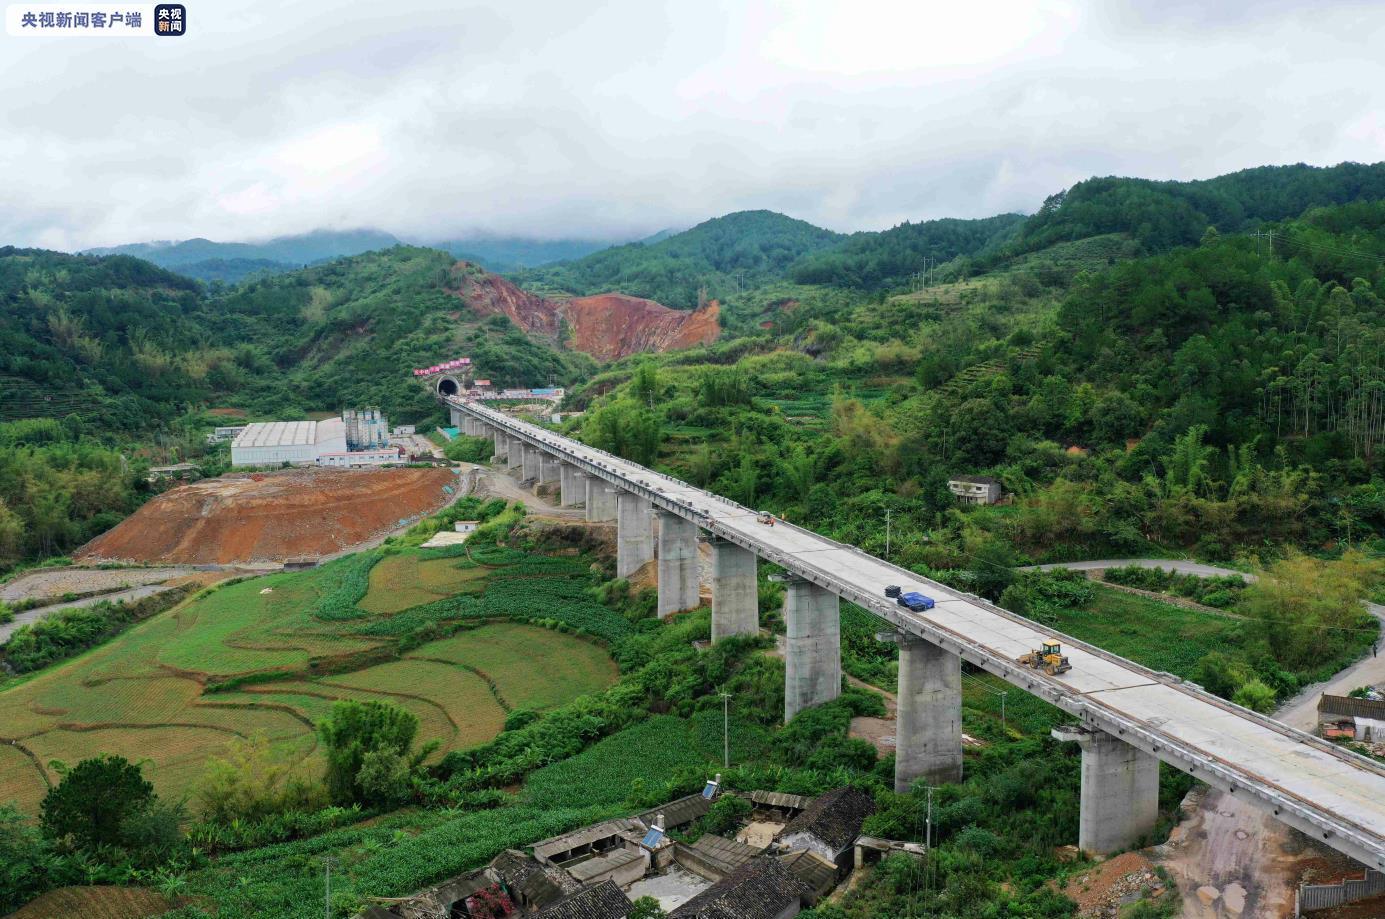 中老昆(明)万(象)铁路和平隧道贯通 预计明年全线建成通车图片